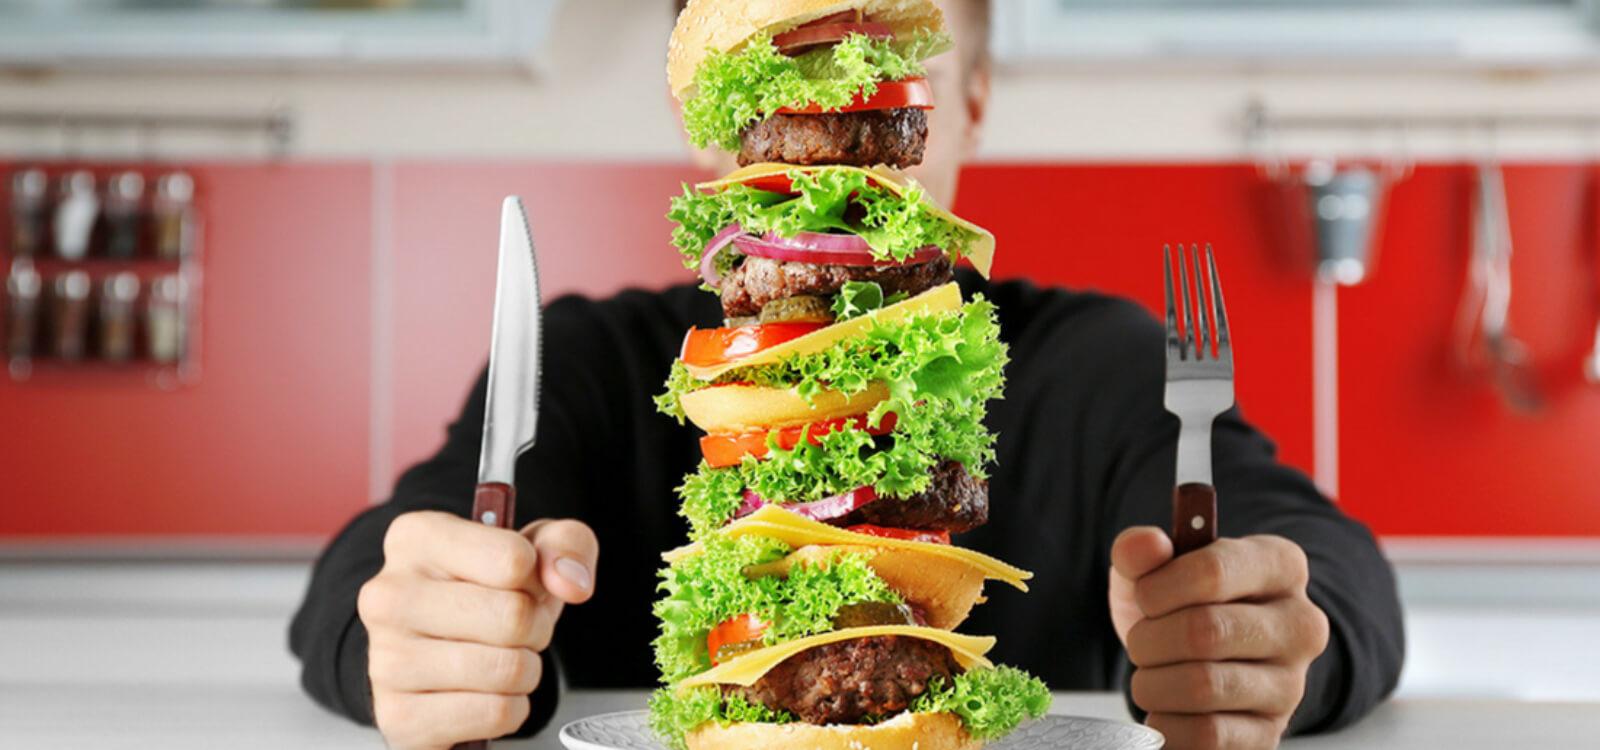 lectins make you fat